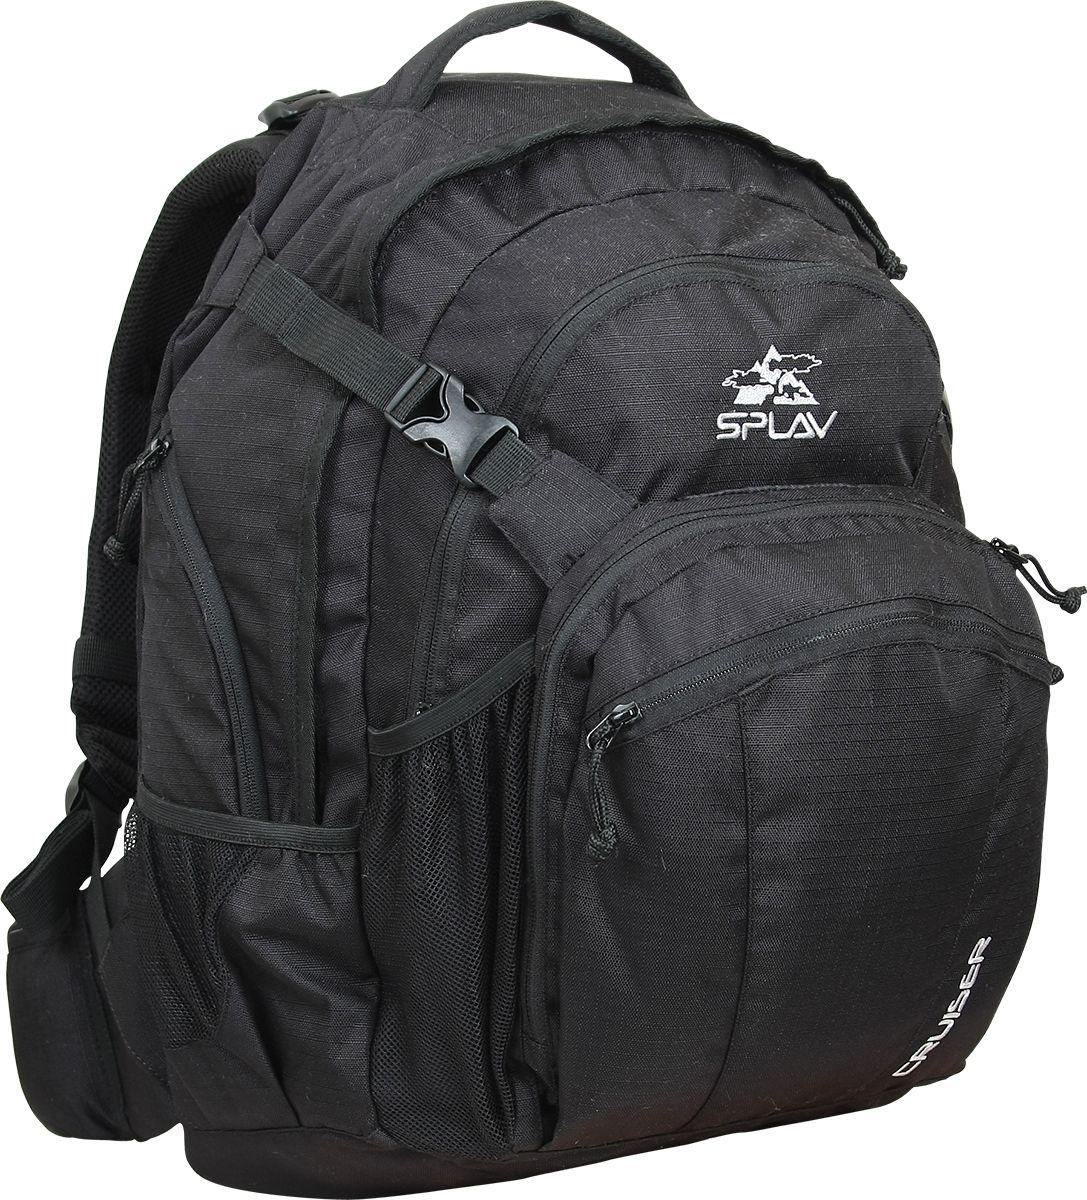 Рюкзак туристический Сплав Cruiser, цвет: черный5026840Среднеразмерный городской многофункциональный рюкзак с возможностью переноски ноутбука. Будет удобен не только в повседневном использовании, но и в деловых поездкахАнатомические лямки и вентилируемая спинаГрудная стяжкаОтделение с жесткими стенками в основном объеме для фиксации ноутбука с 15 матрицейБоковые карманы с усиленной внешней стенкой удобны для переноски блока питания и других аксессуаров для ноутбукаБольшой передний карман для документовКрепление для каски или вещей с утягивающими ремнями и объемным карманом, в котором разместился обширный органайзерБоковые сетчатые карманыУдобный пояс с кармашками. Объем: 32 лВес: 1,3 кгРазмеры рюкзака в наполненном состоянии (Ш?Т?В): 35?30?48 смТолщина органайзера: 9 смОсновная ткань: Polyester 600D R/SМолнии: YKKПластиковая фурнитура: YKK